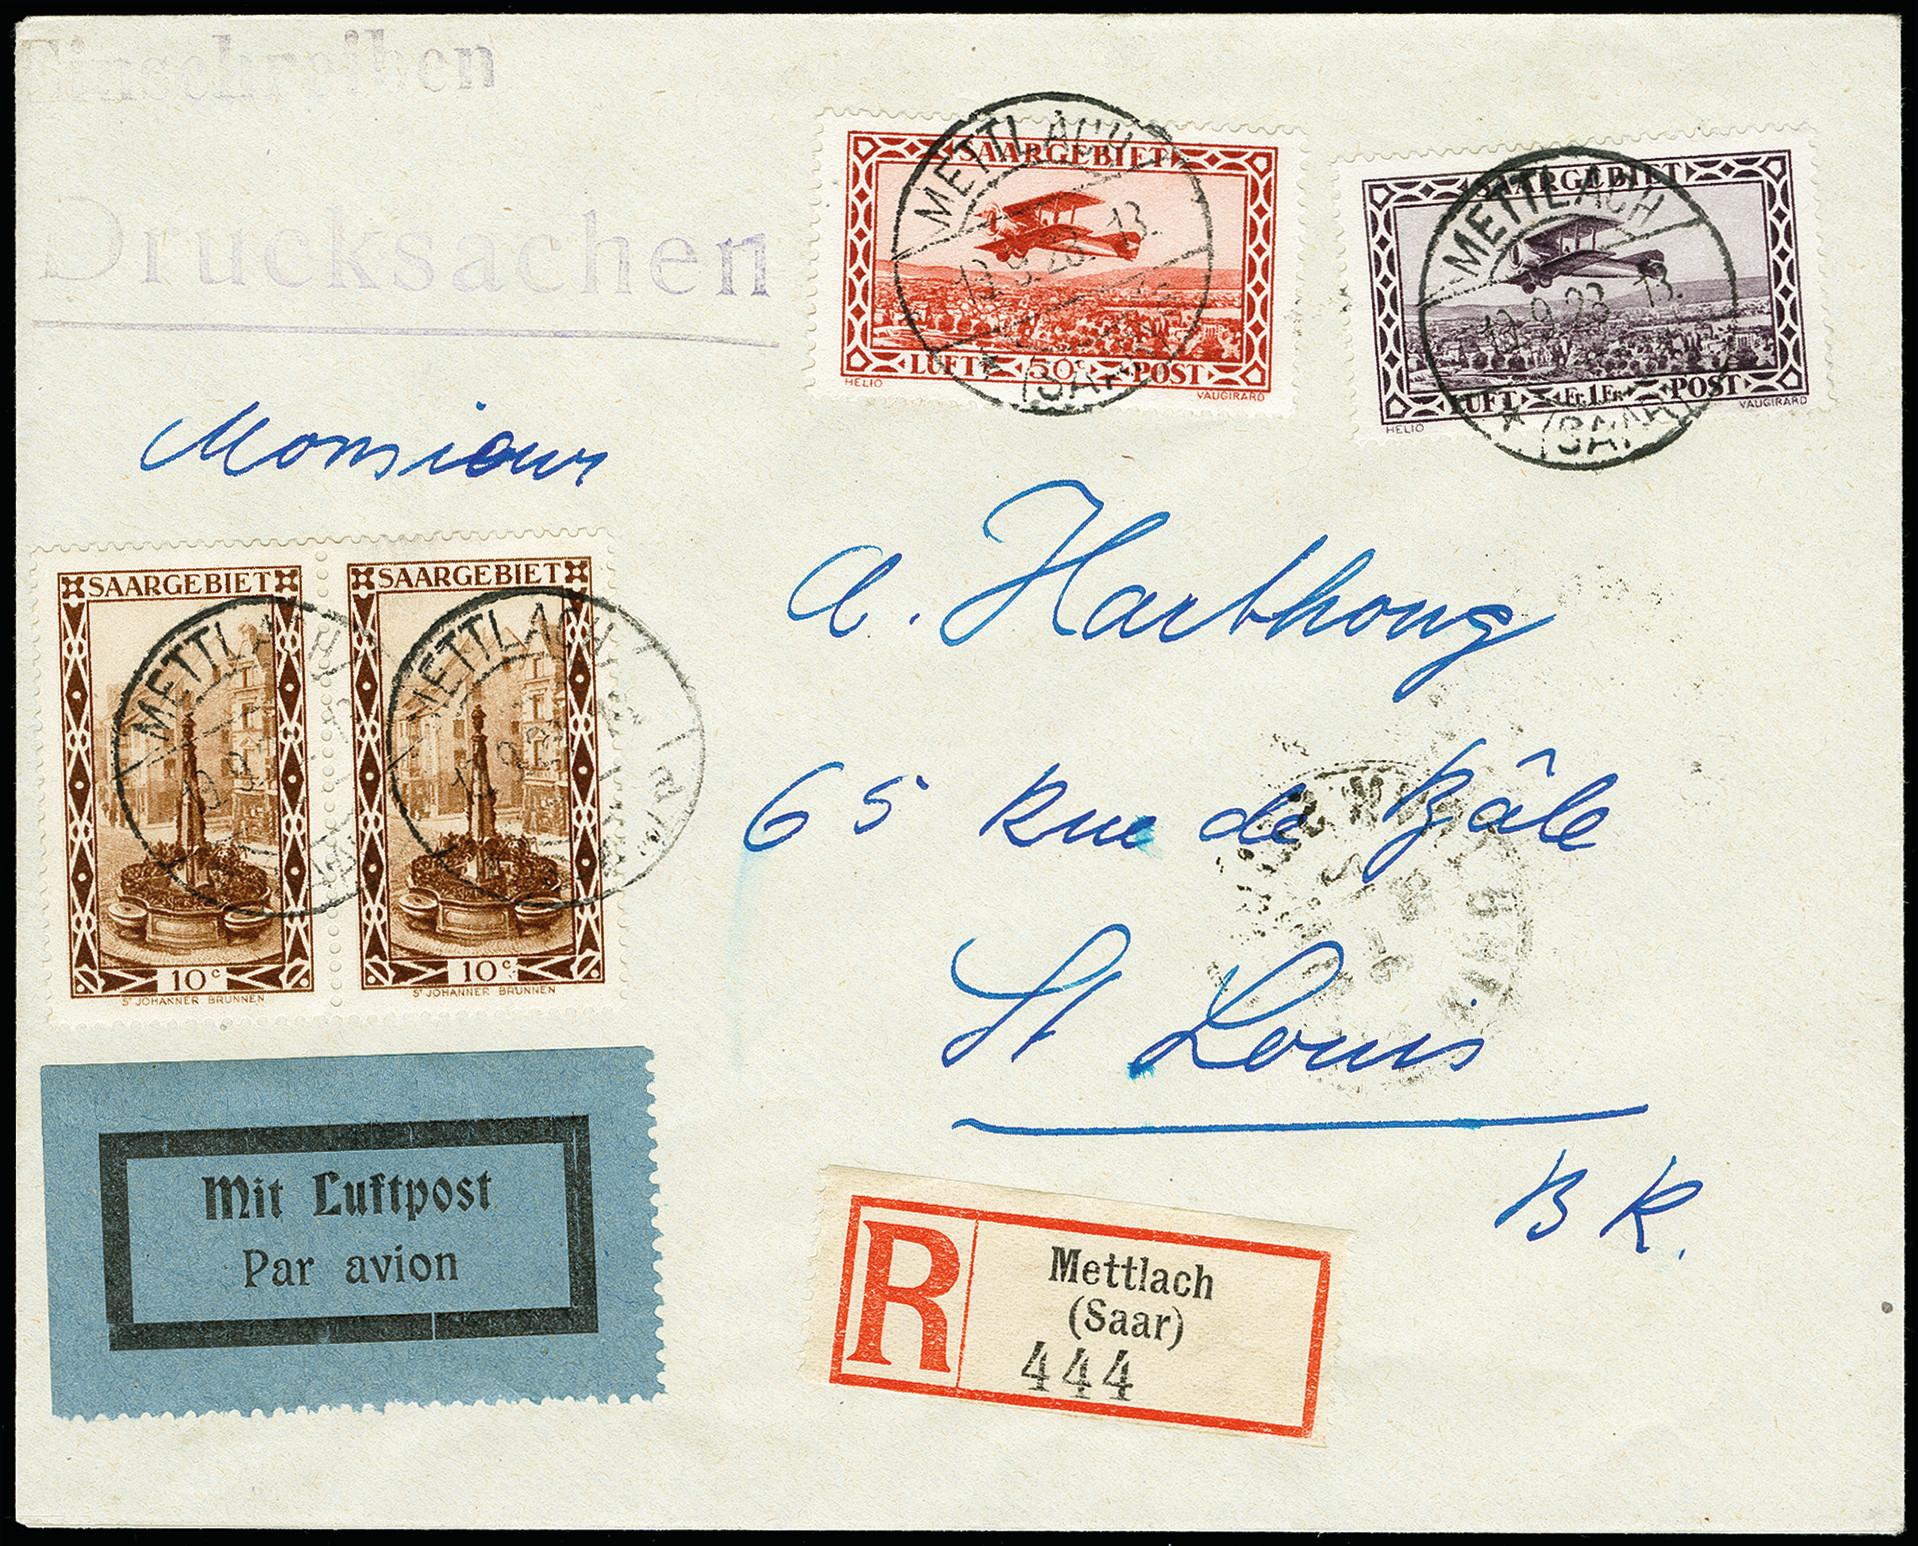 Lot 1488 - Main catalogue saar -  Heinrich Koehler Auktionen 373rd Heinrich Köhler auction - Day 4